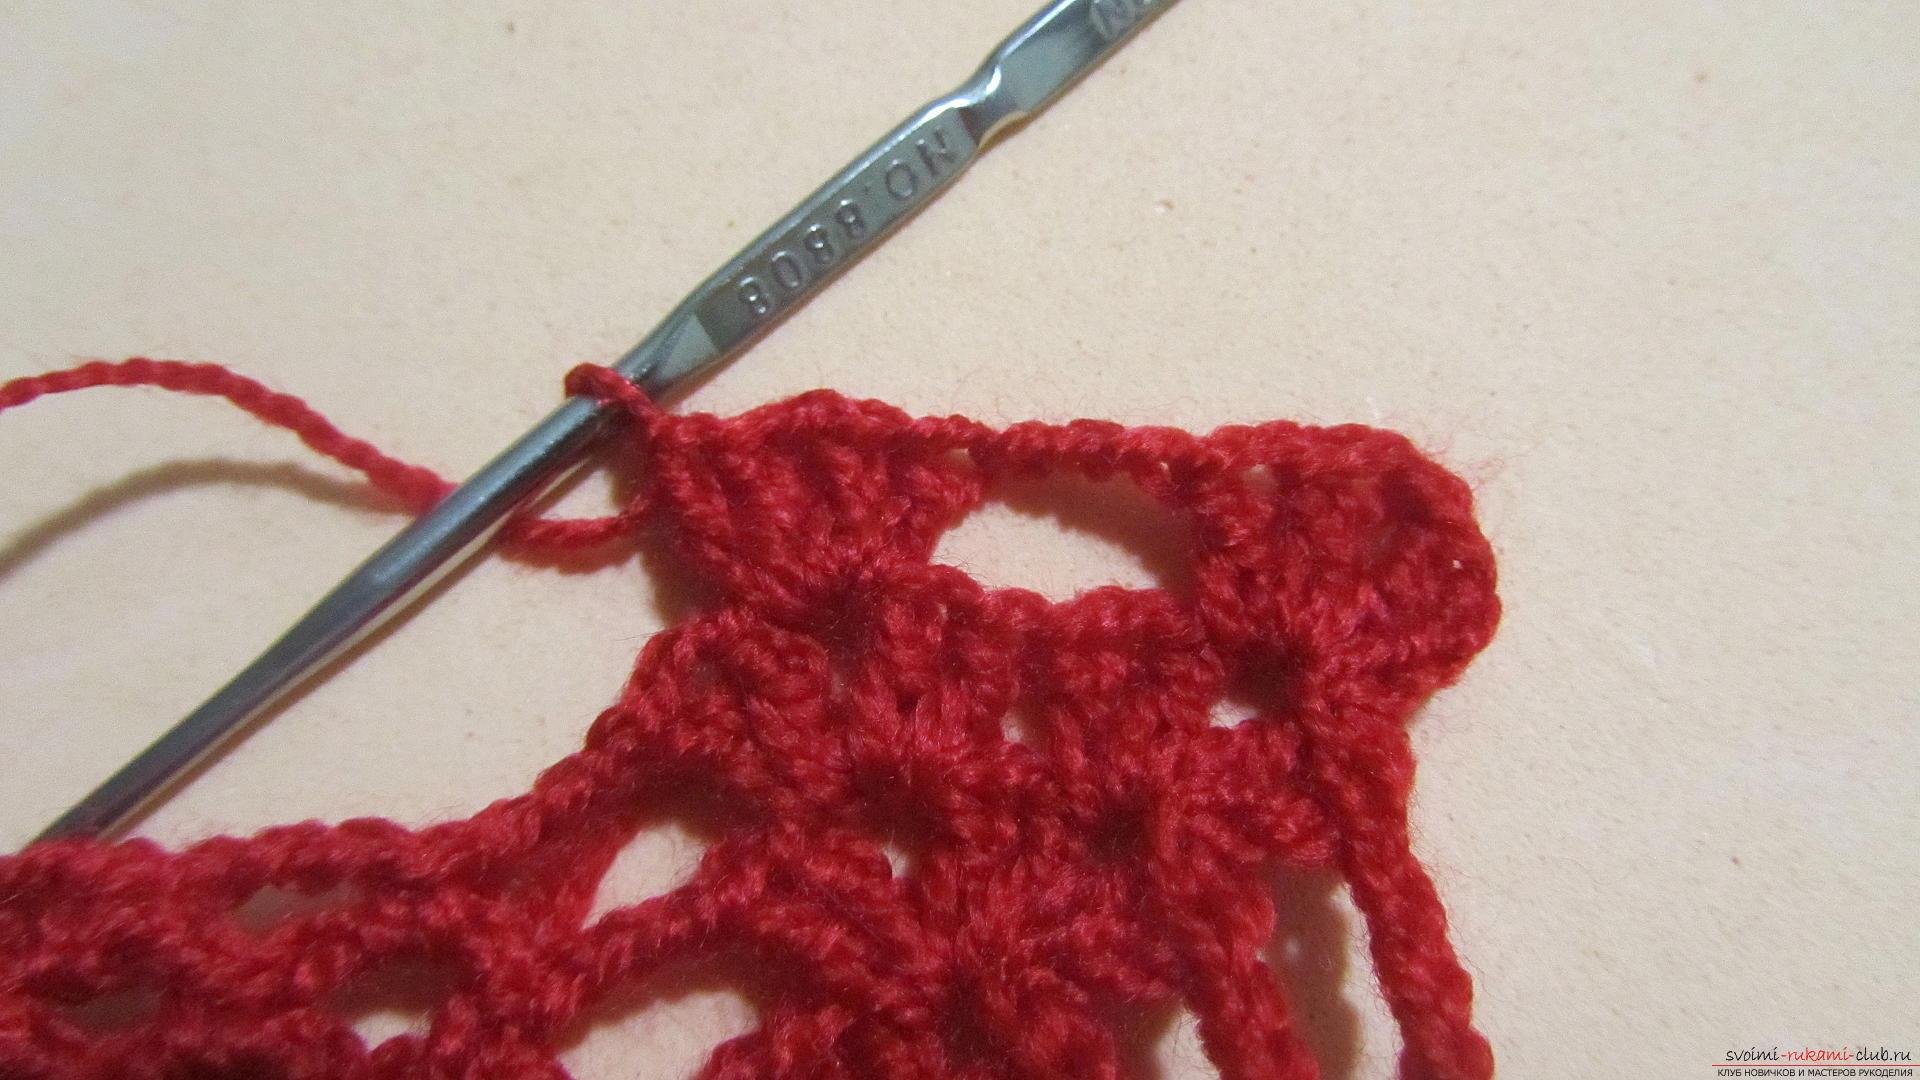 Одежду для мягких игрушек можно связать крючком своими руками, будем одевать игрушечную обезьянку.. Фото №24